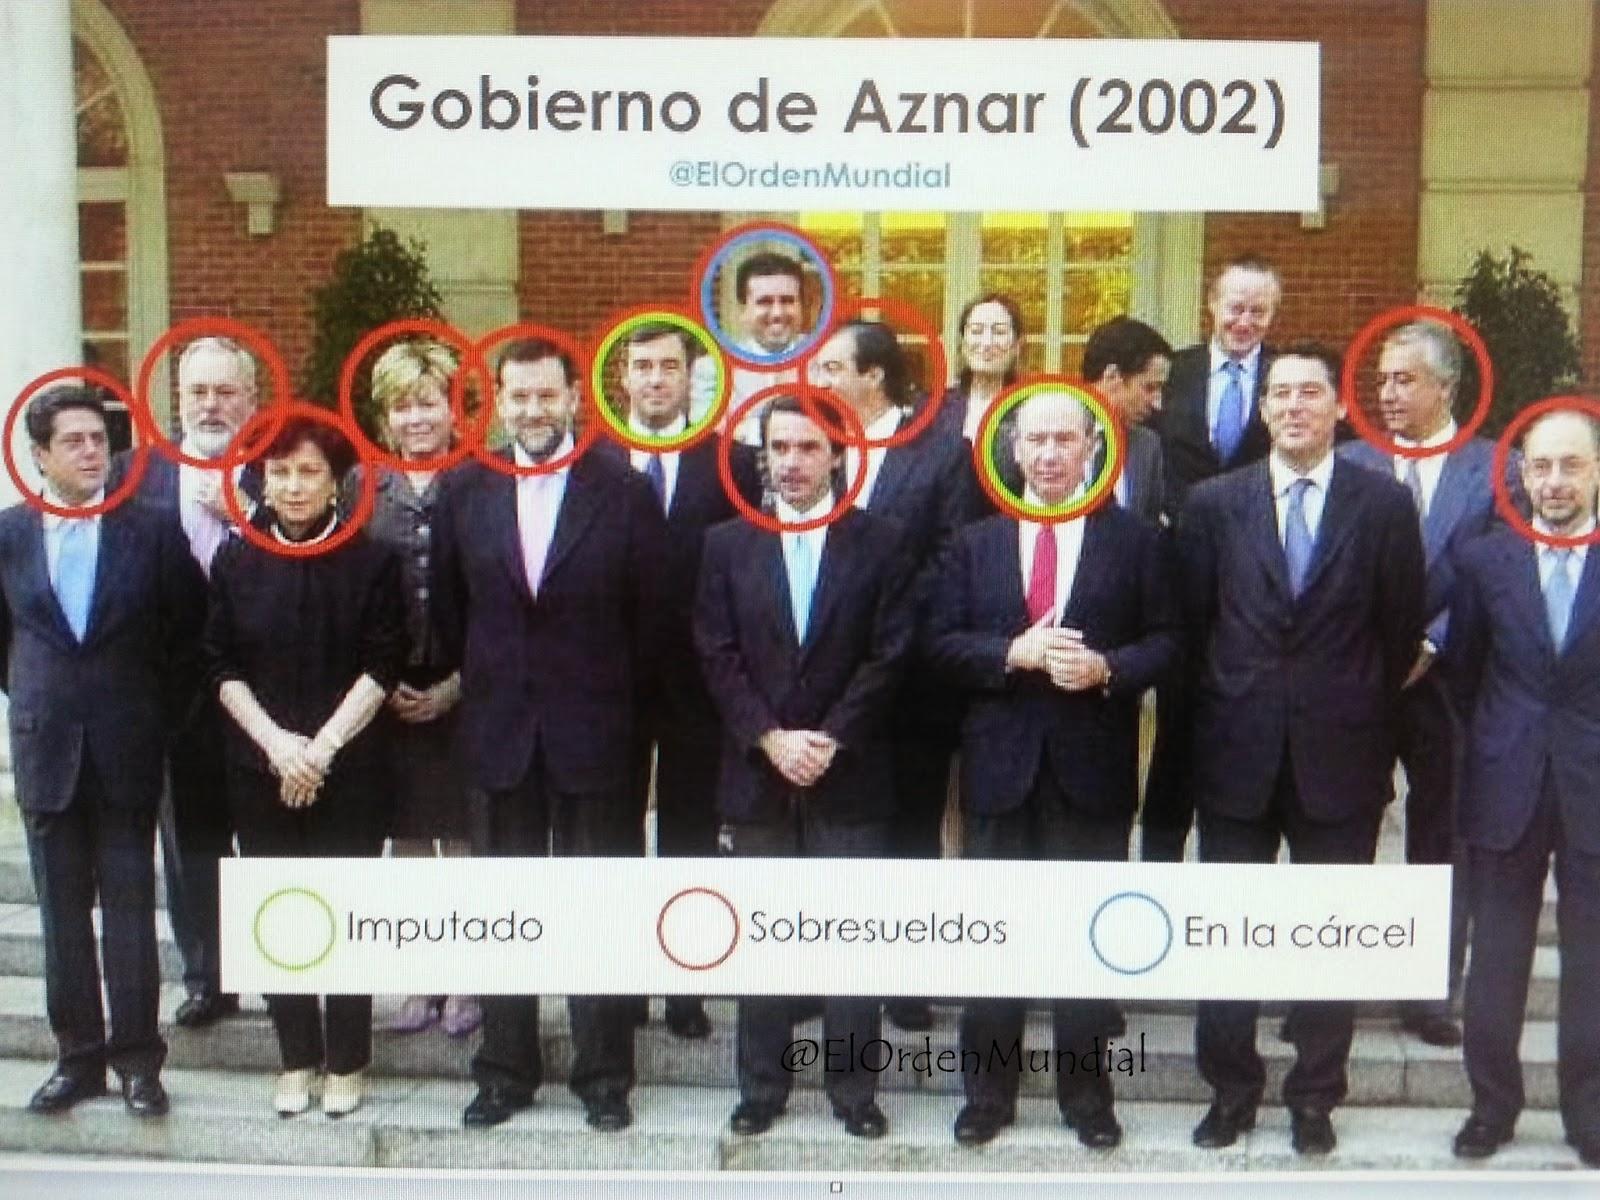 Podemos, Pablo Iglesias, el PPSOE y Miss Universo.